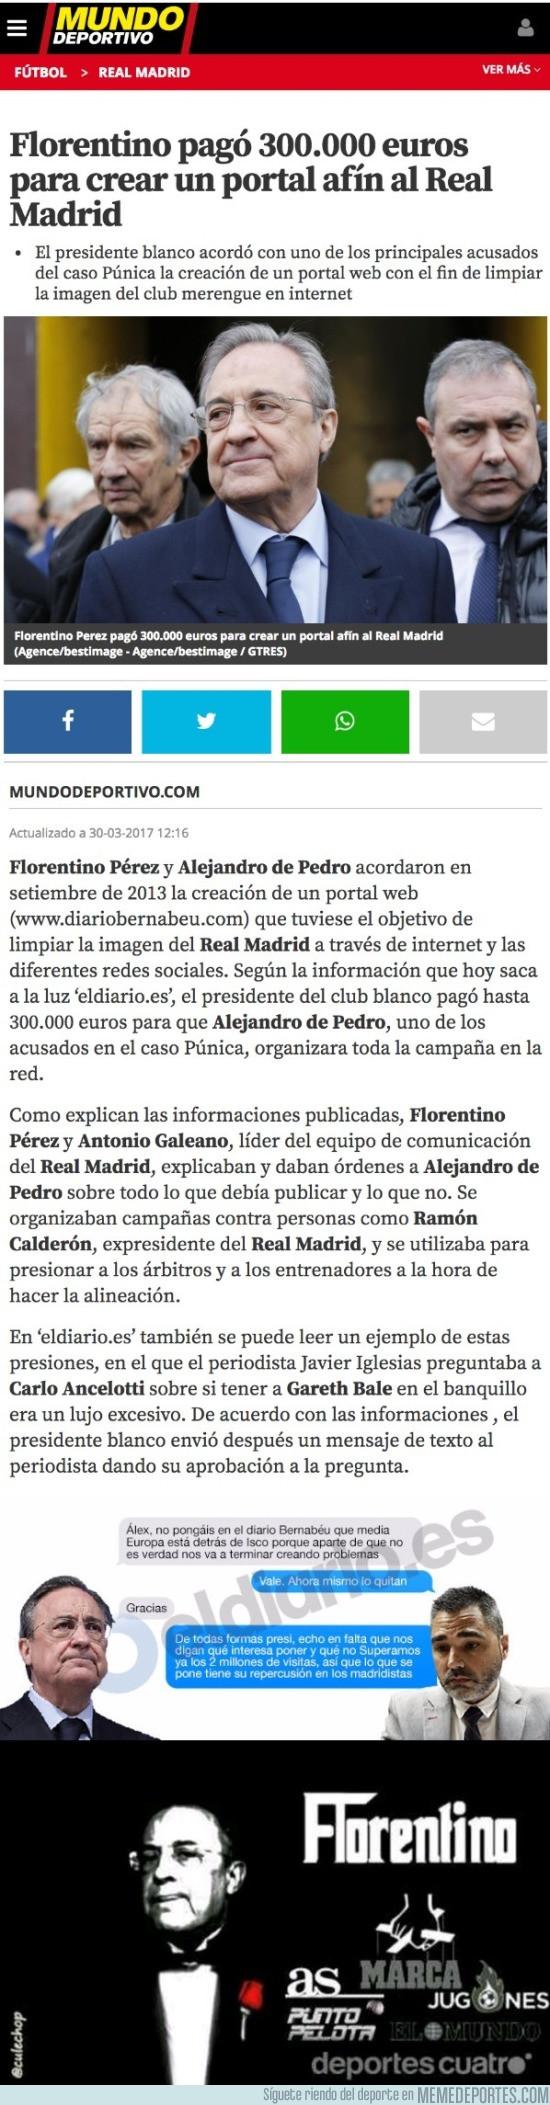 963370 - Florentino pagó por tener un falso diario digital para limpiar la imagen del Madrid